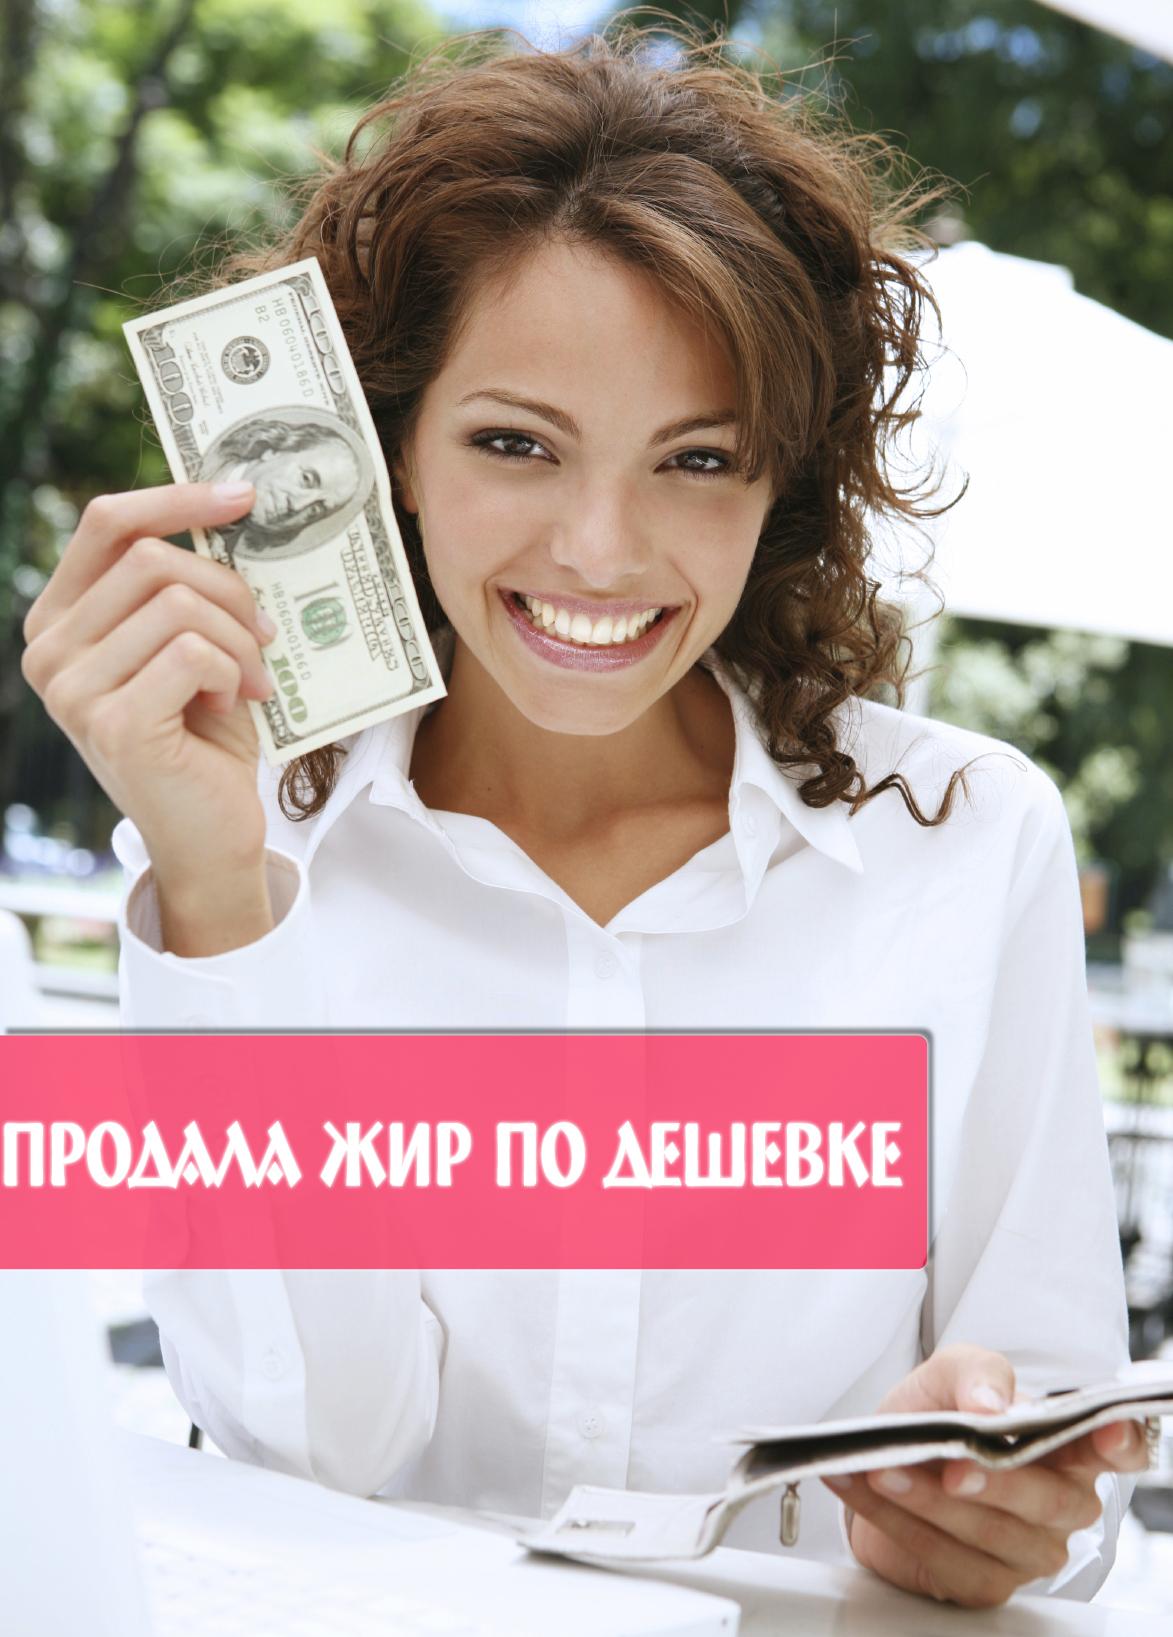 объявления секс услуг москва